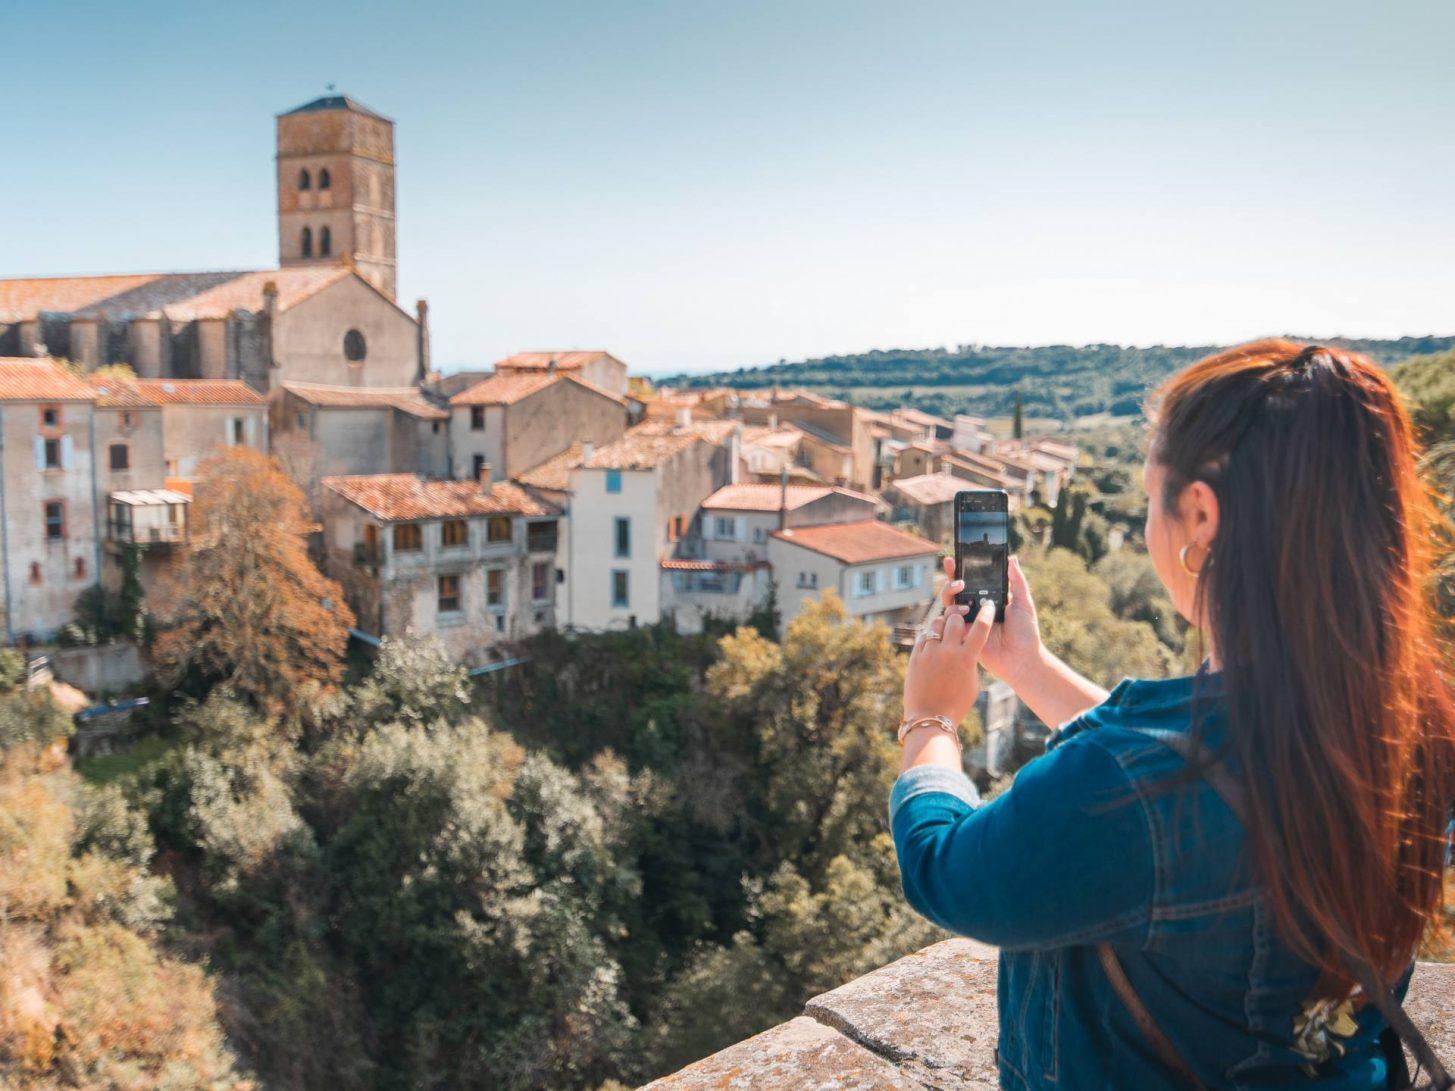 Séance photo à Montolieu, village du livre © Vincent Photographie, OT Grand Carcassonne